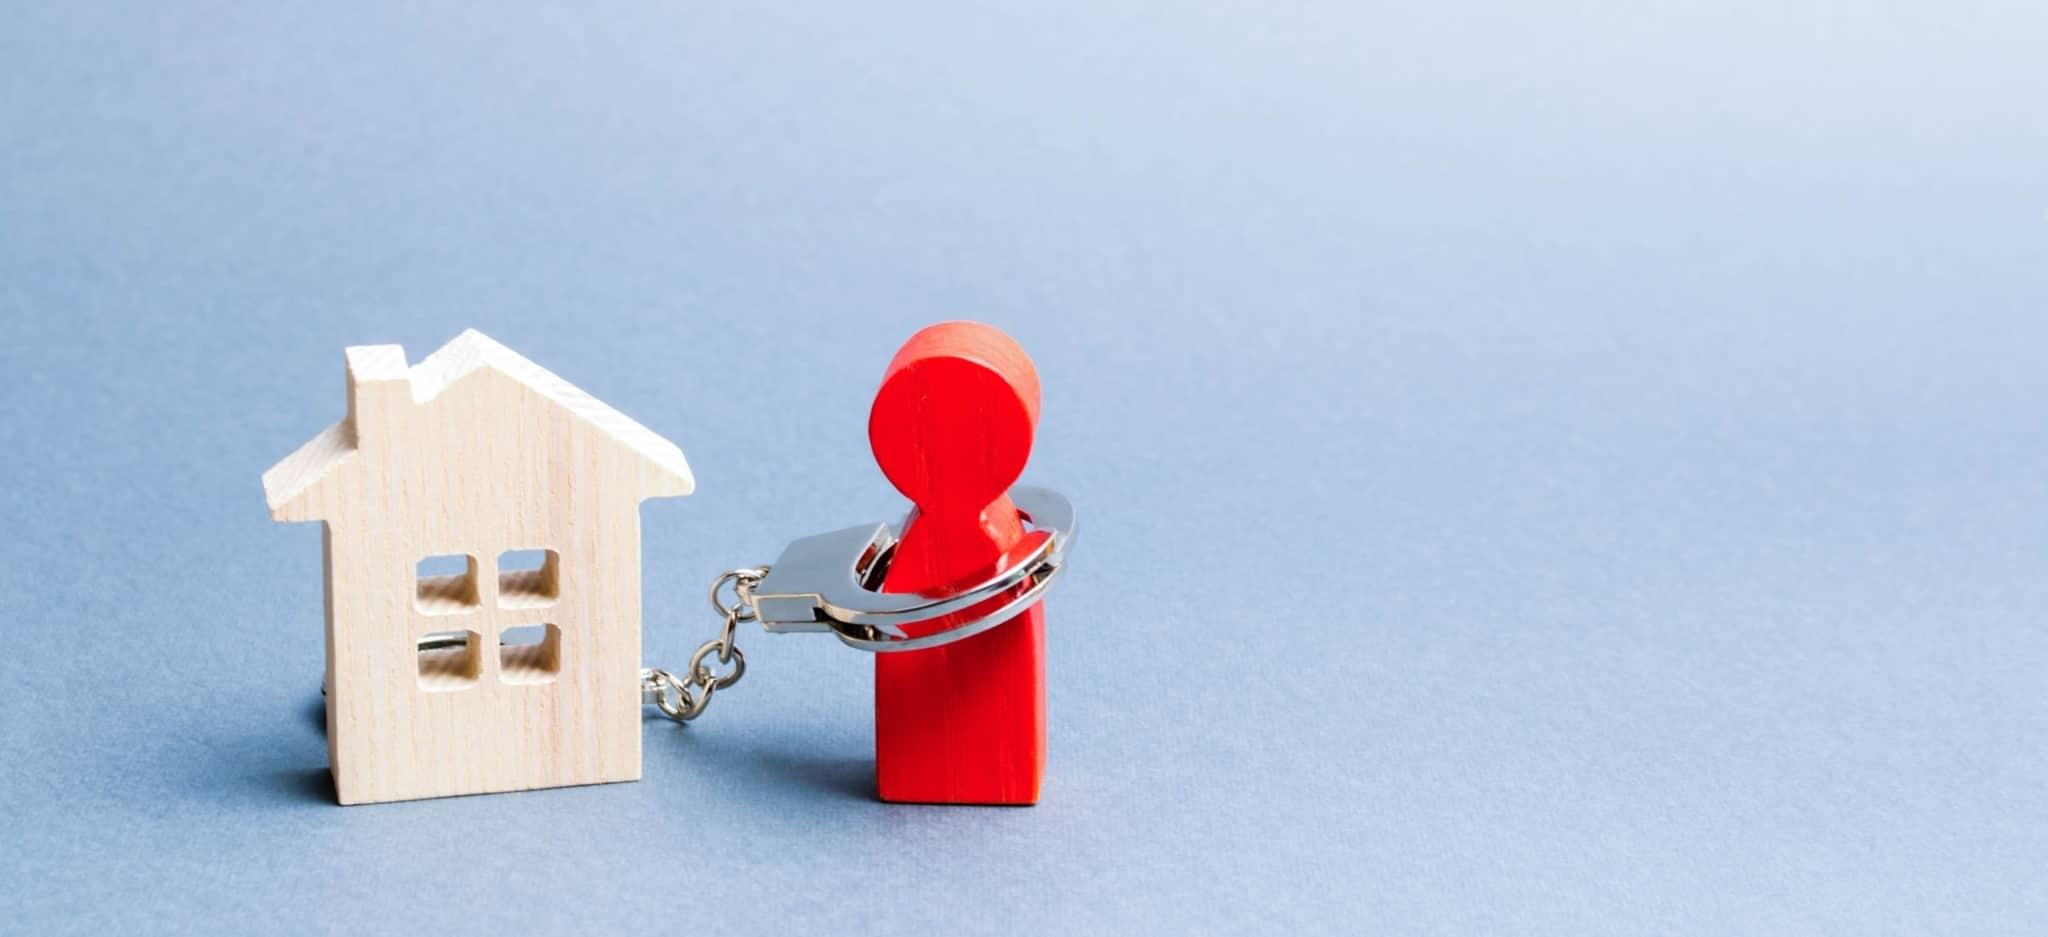 Preso a um crédito habitação